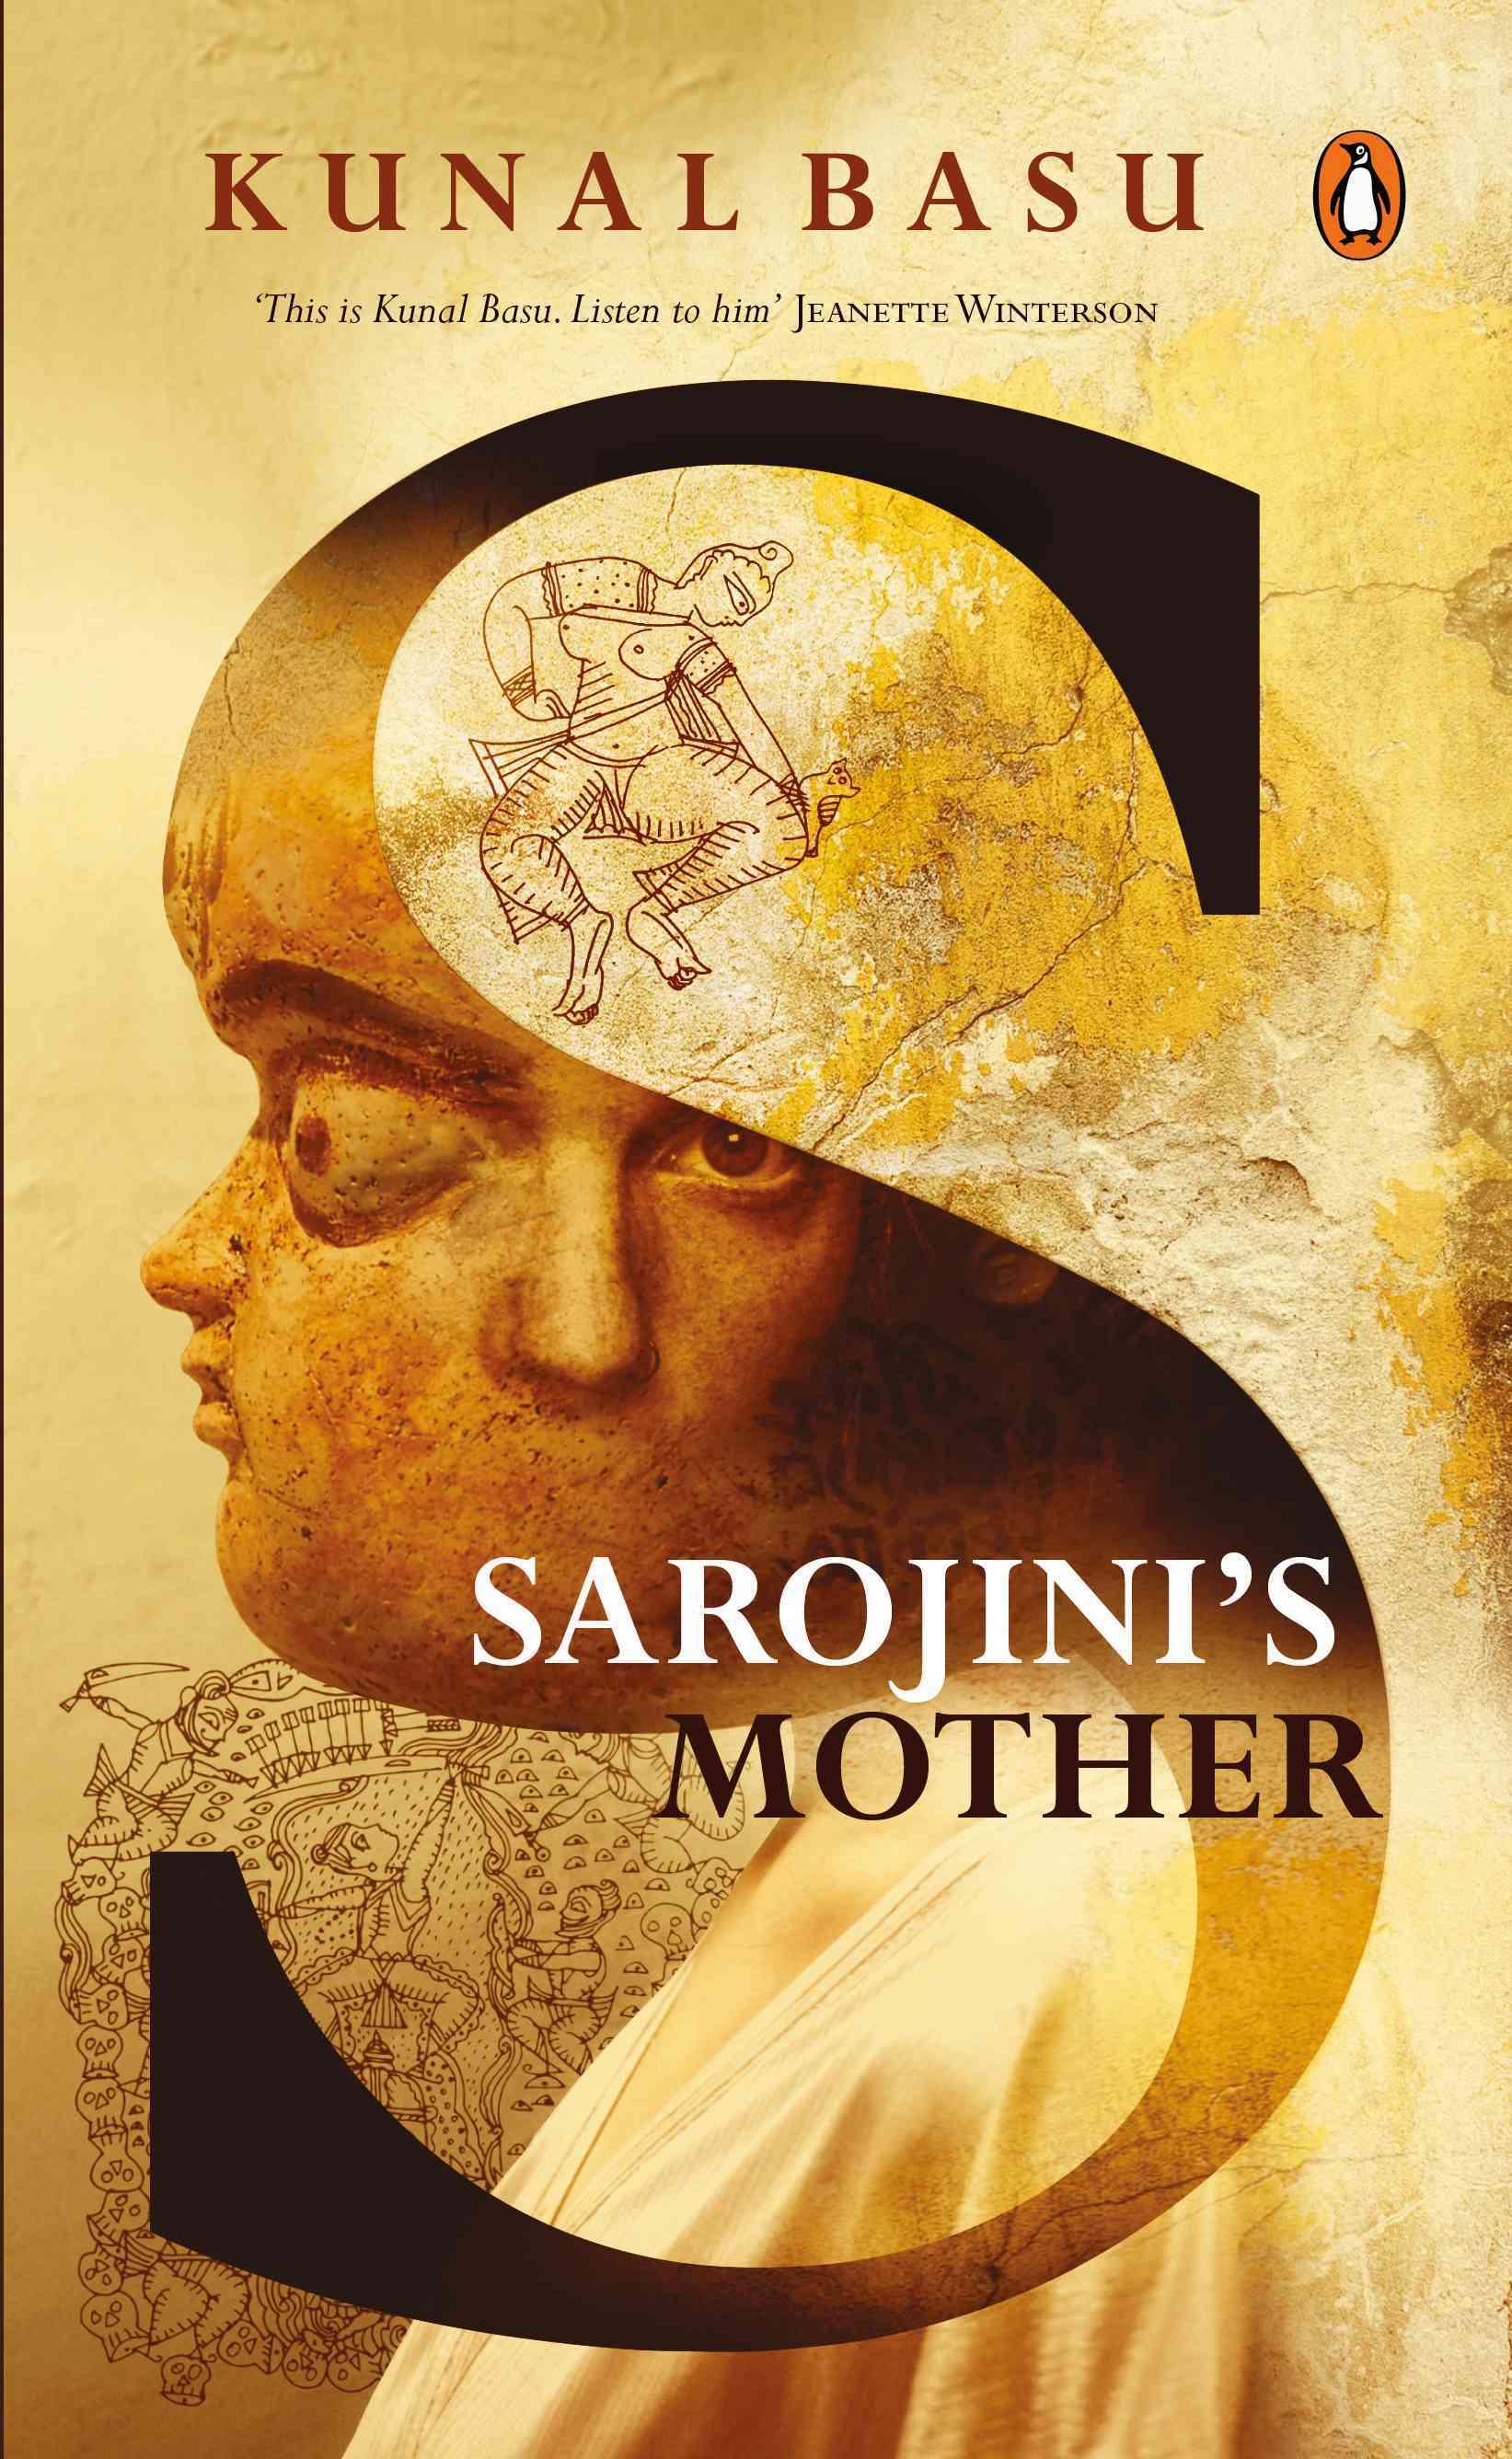 Sarojini's Mother